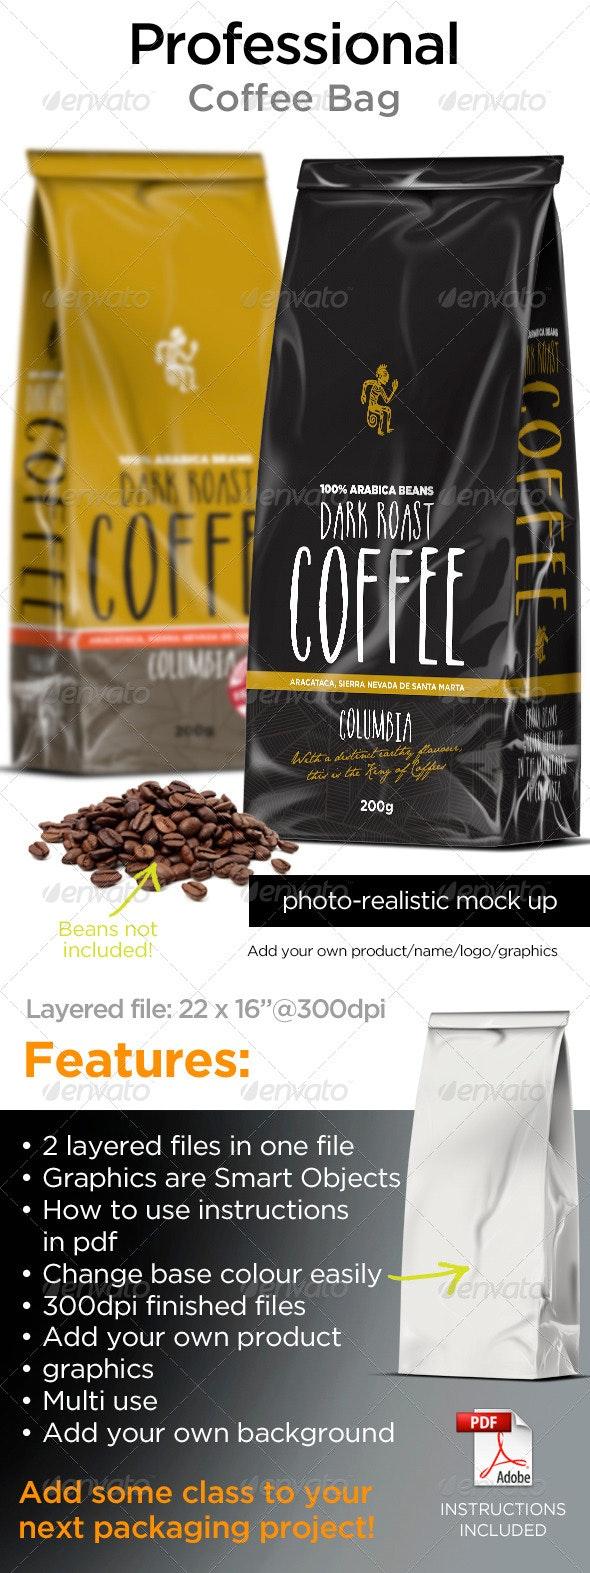 Coffee Bags - Food and Drink Packaging